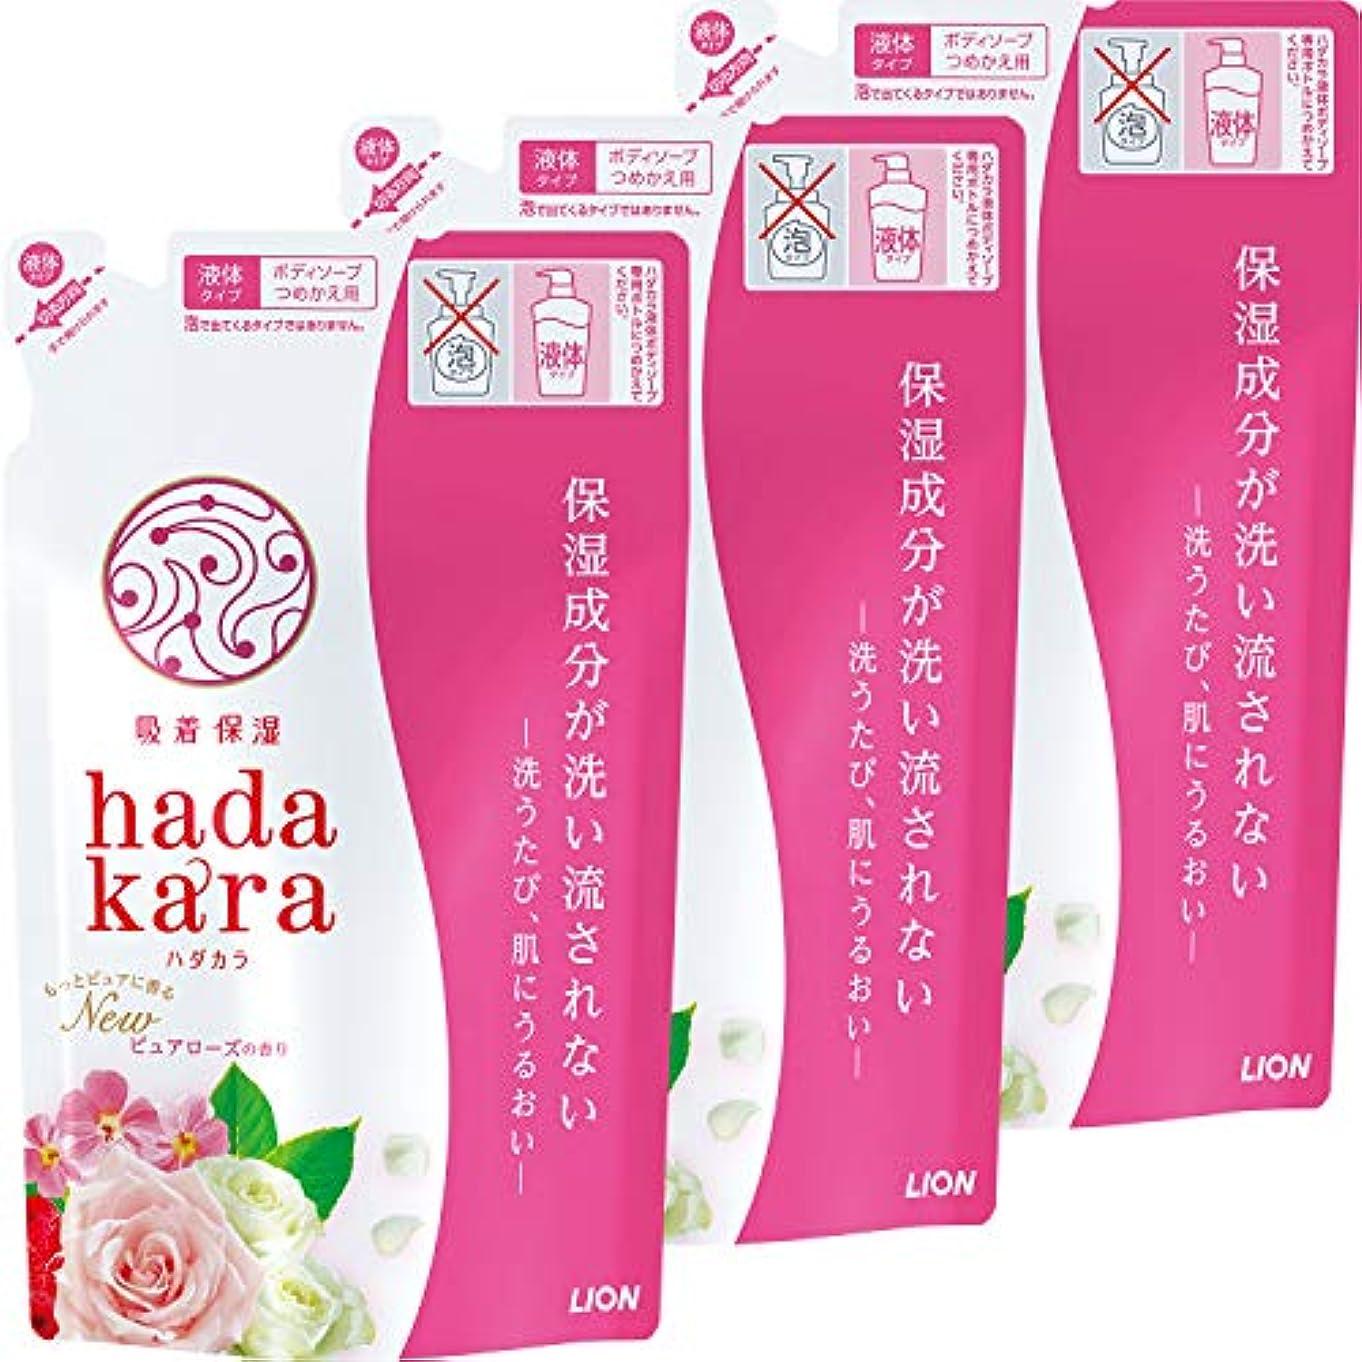 和悪性インポートhadakara(ハダカラ) ボディソープ ピュアローズの香り つめかえ360ml×3個 詰替え用